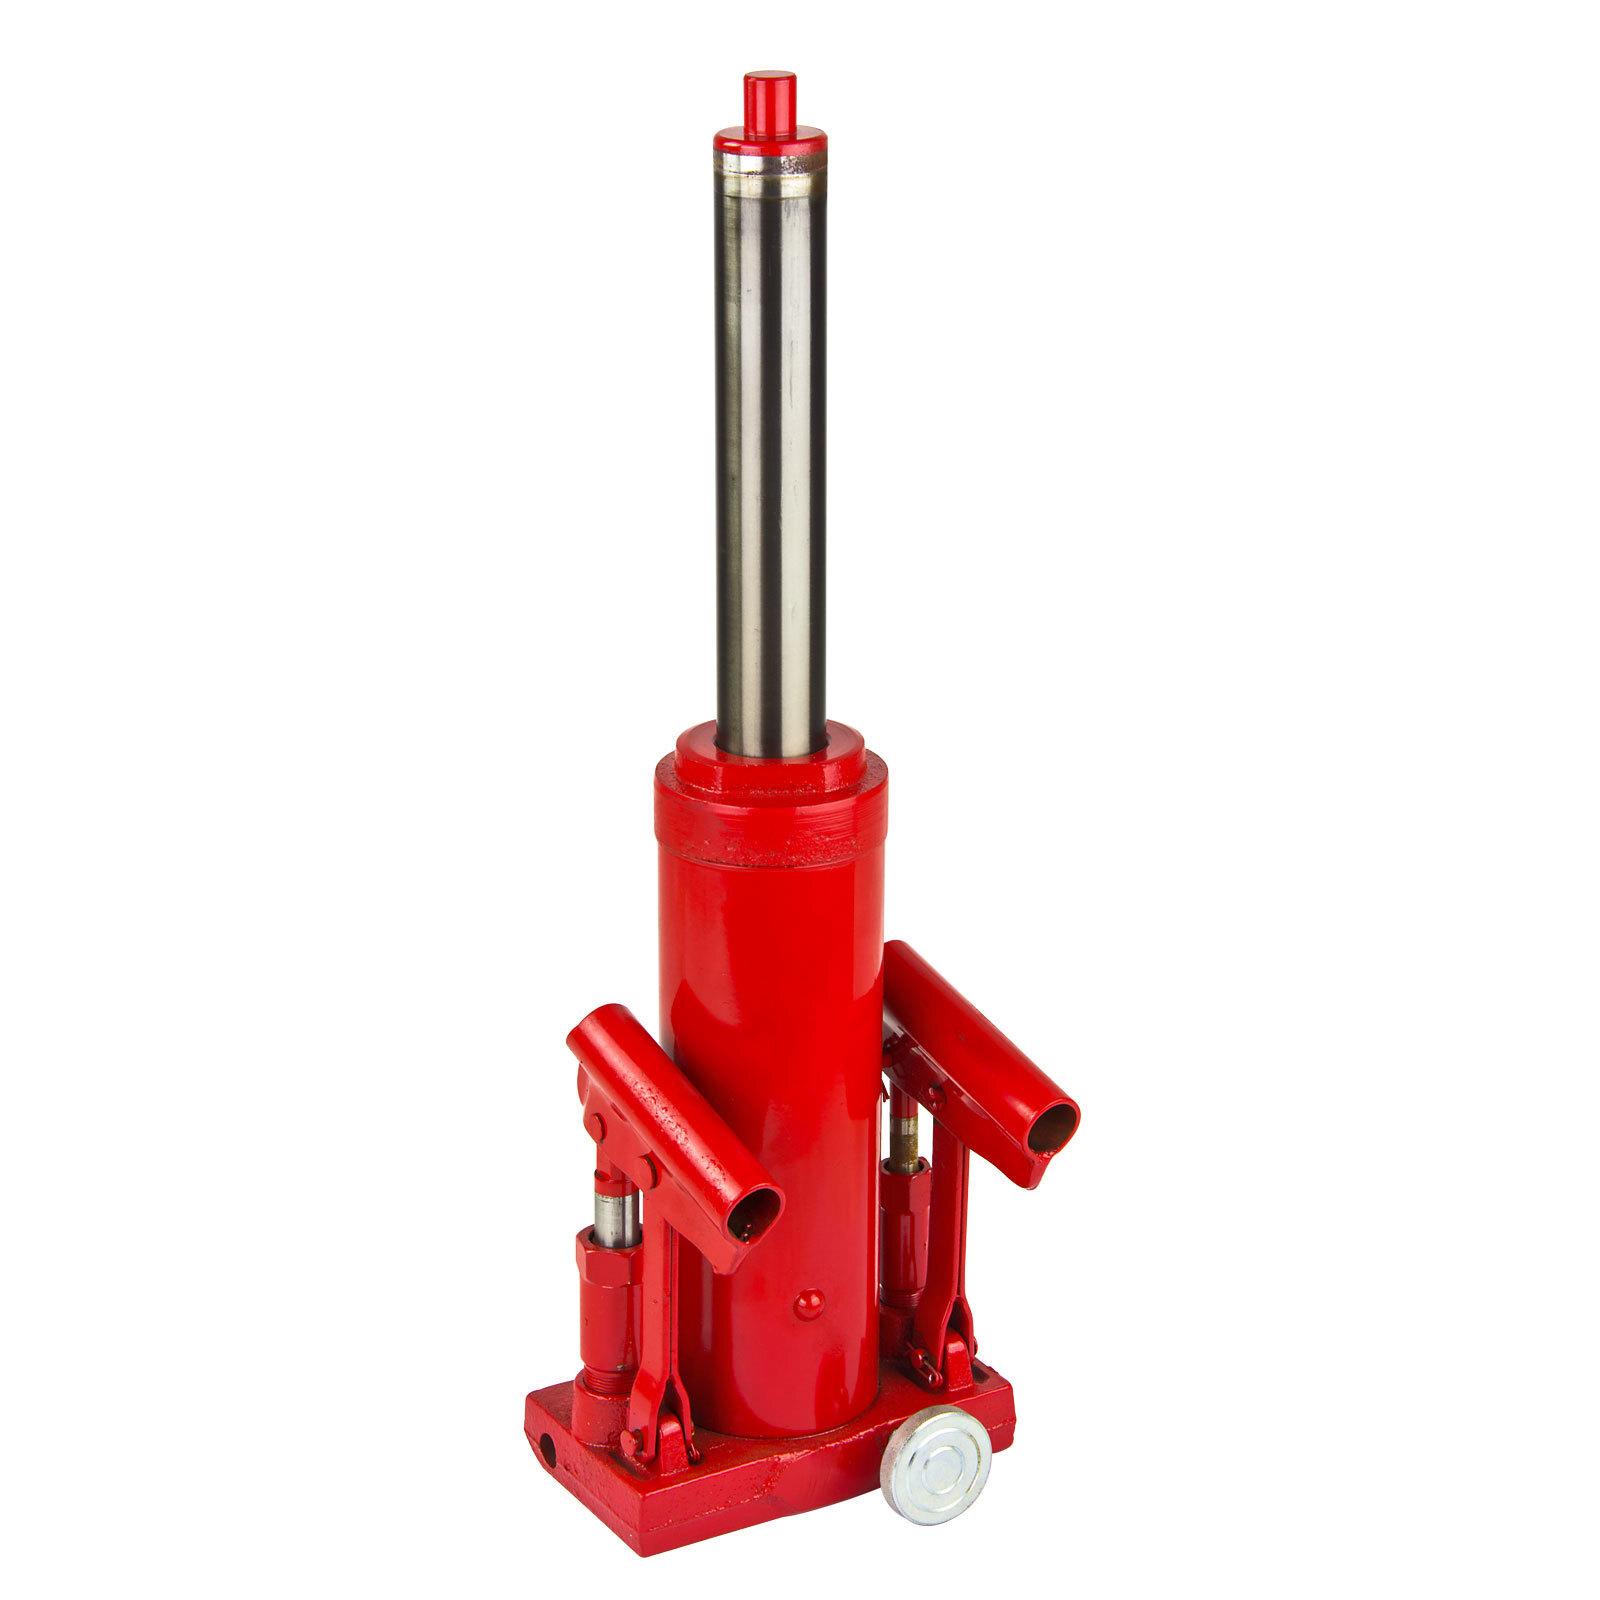 Zylinder Hub Ersatzteil für Holzspalter 10 Tonnen Handbetrieb Hebelbetrieb 24391